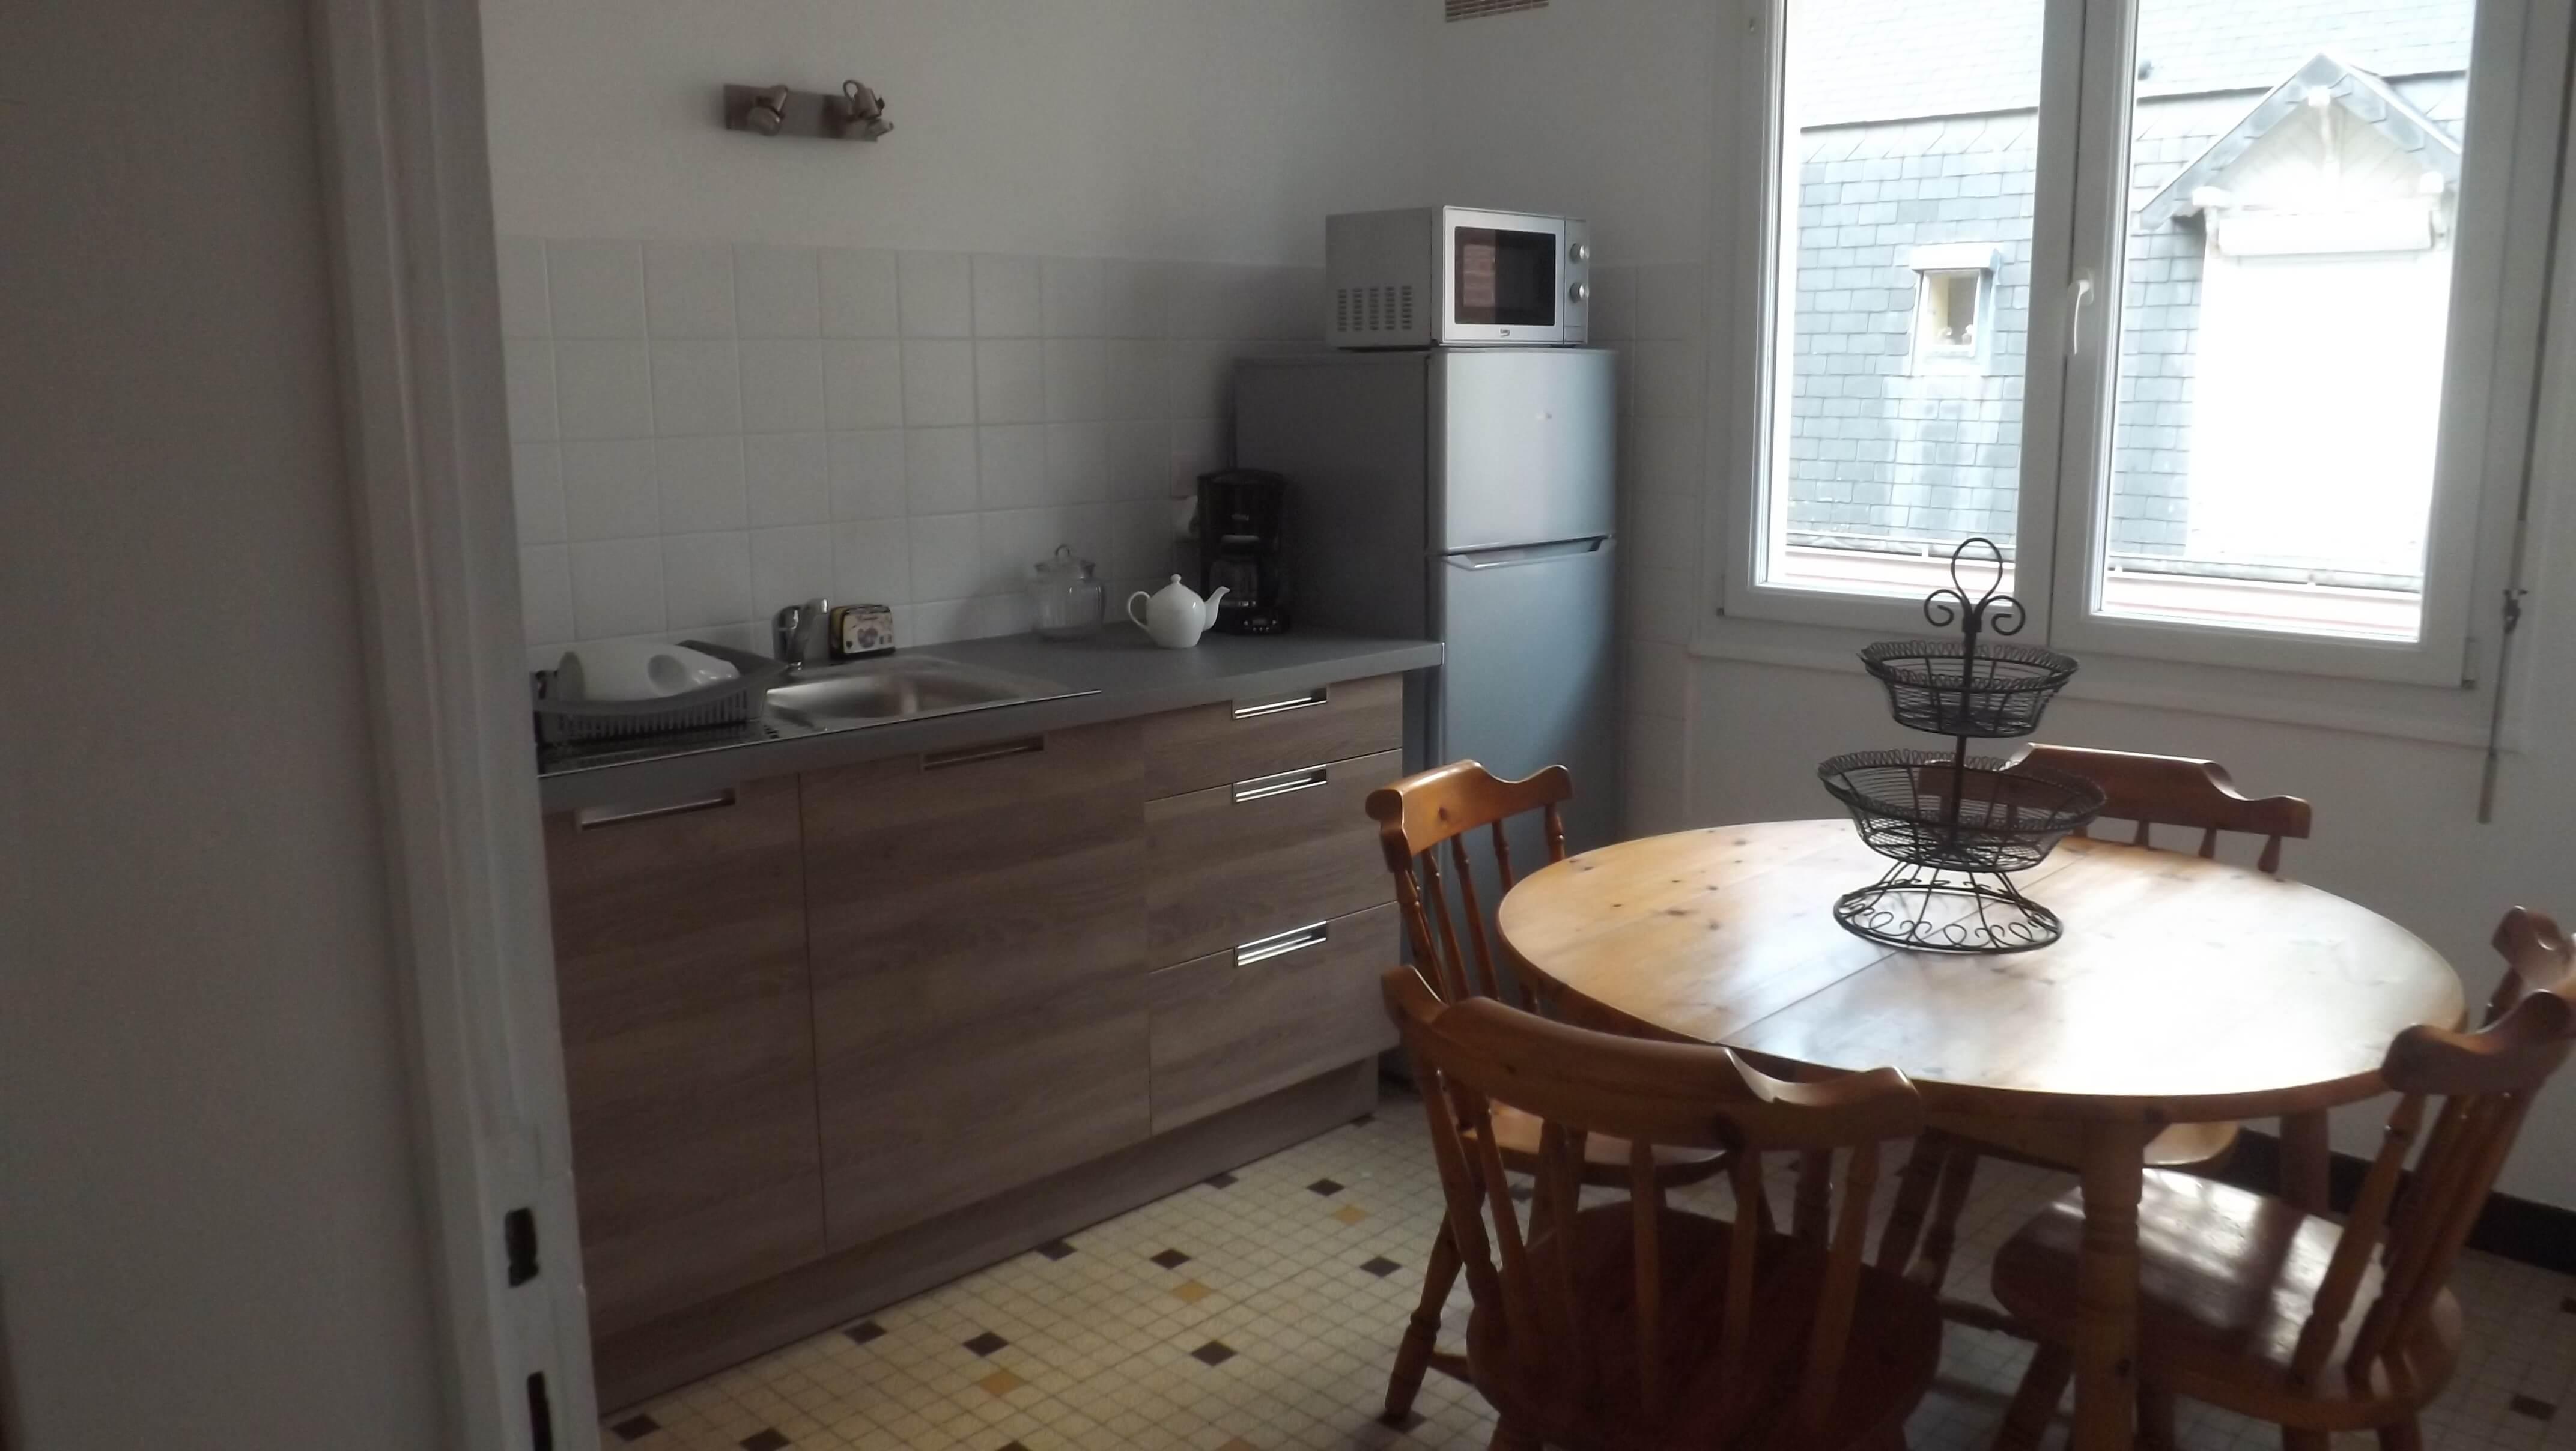 Appartement Tréport en location avec cuisine équipée